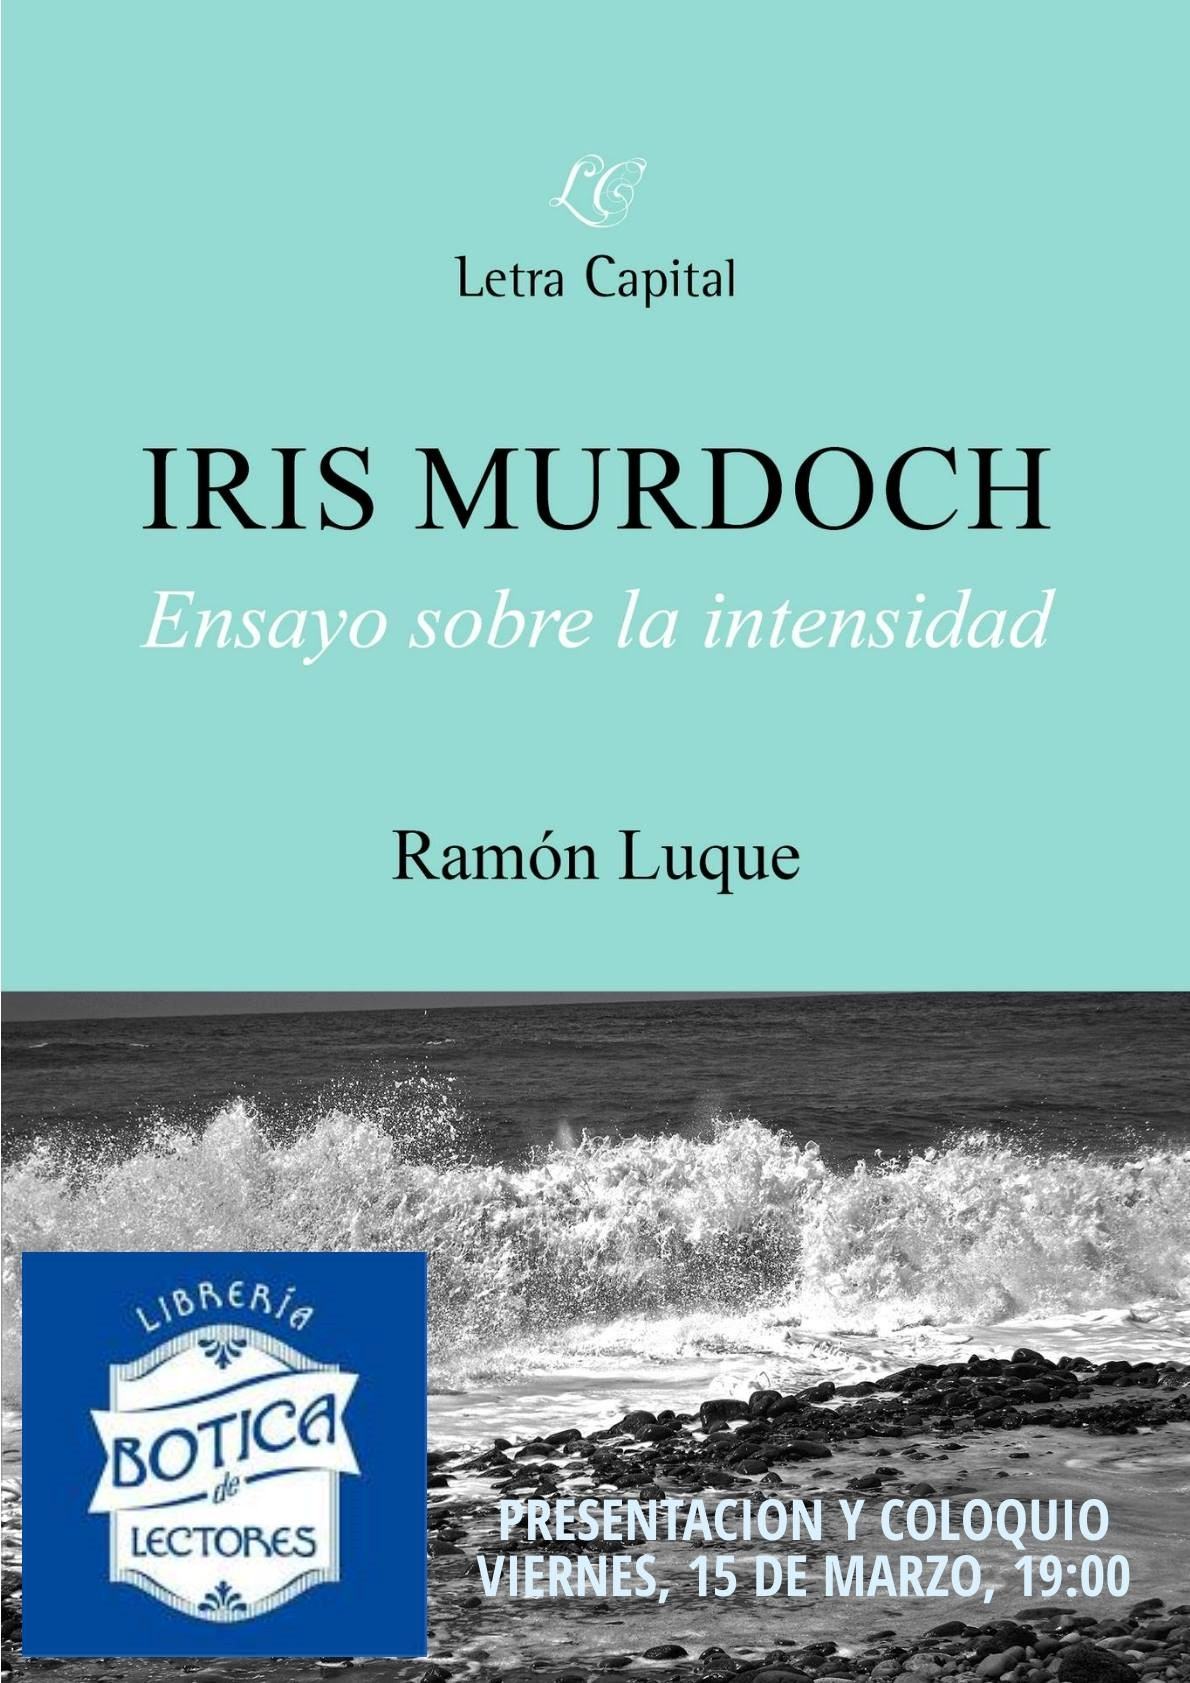 Ramón Luque